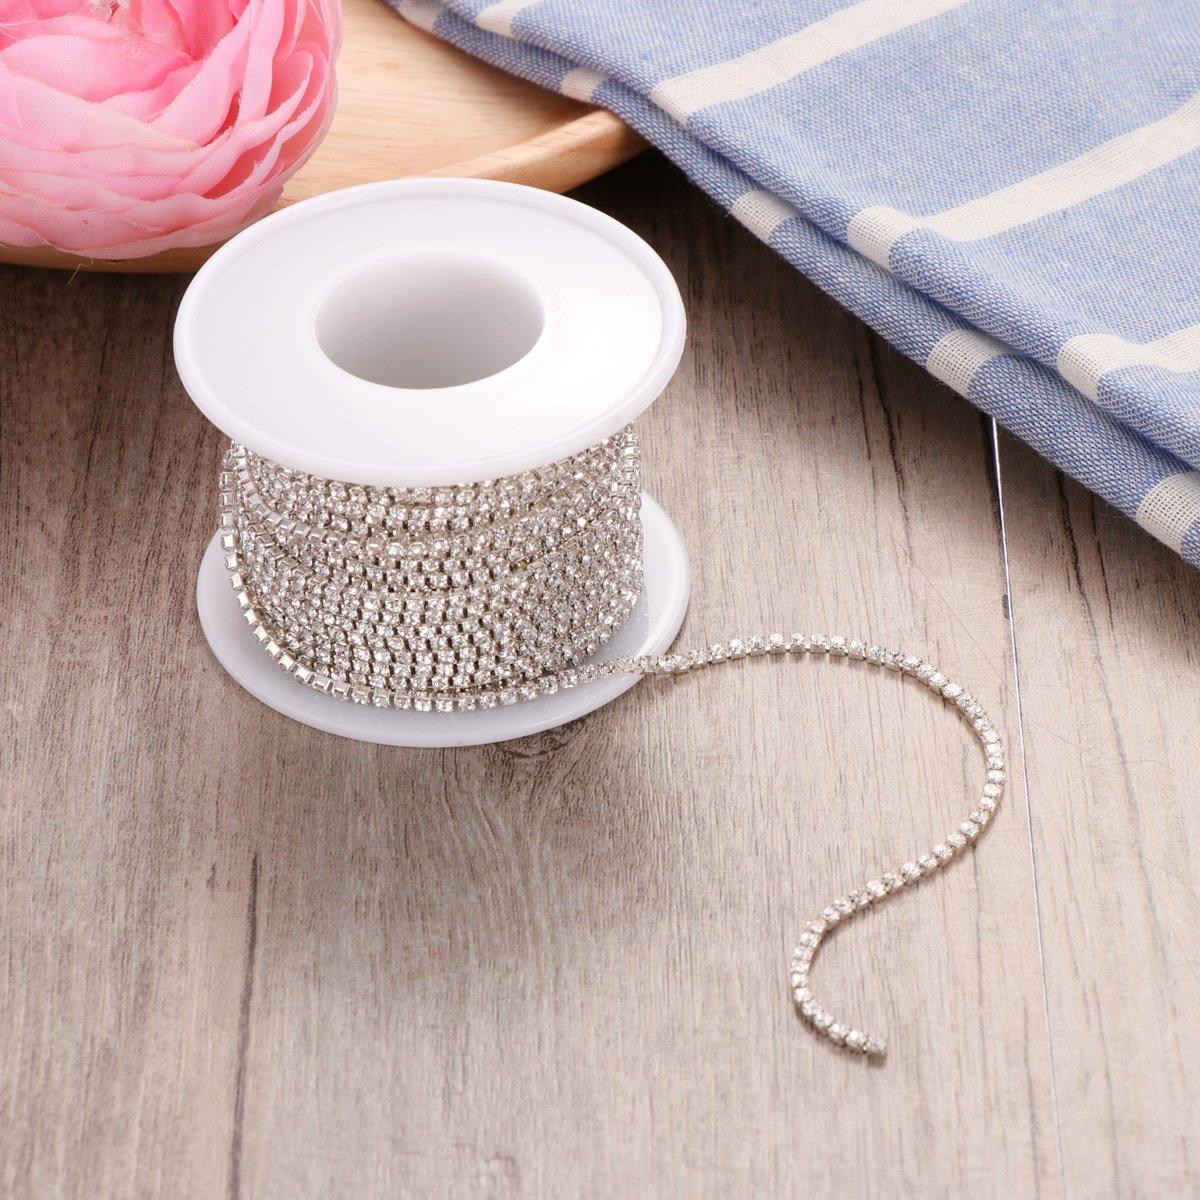 2/mm ultnice galon en strass bracelet pour bijoux couture d/écoration de mariage artisanat DIY 10/m